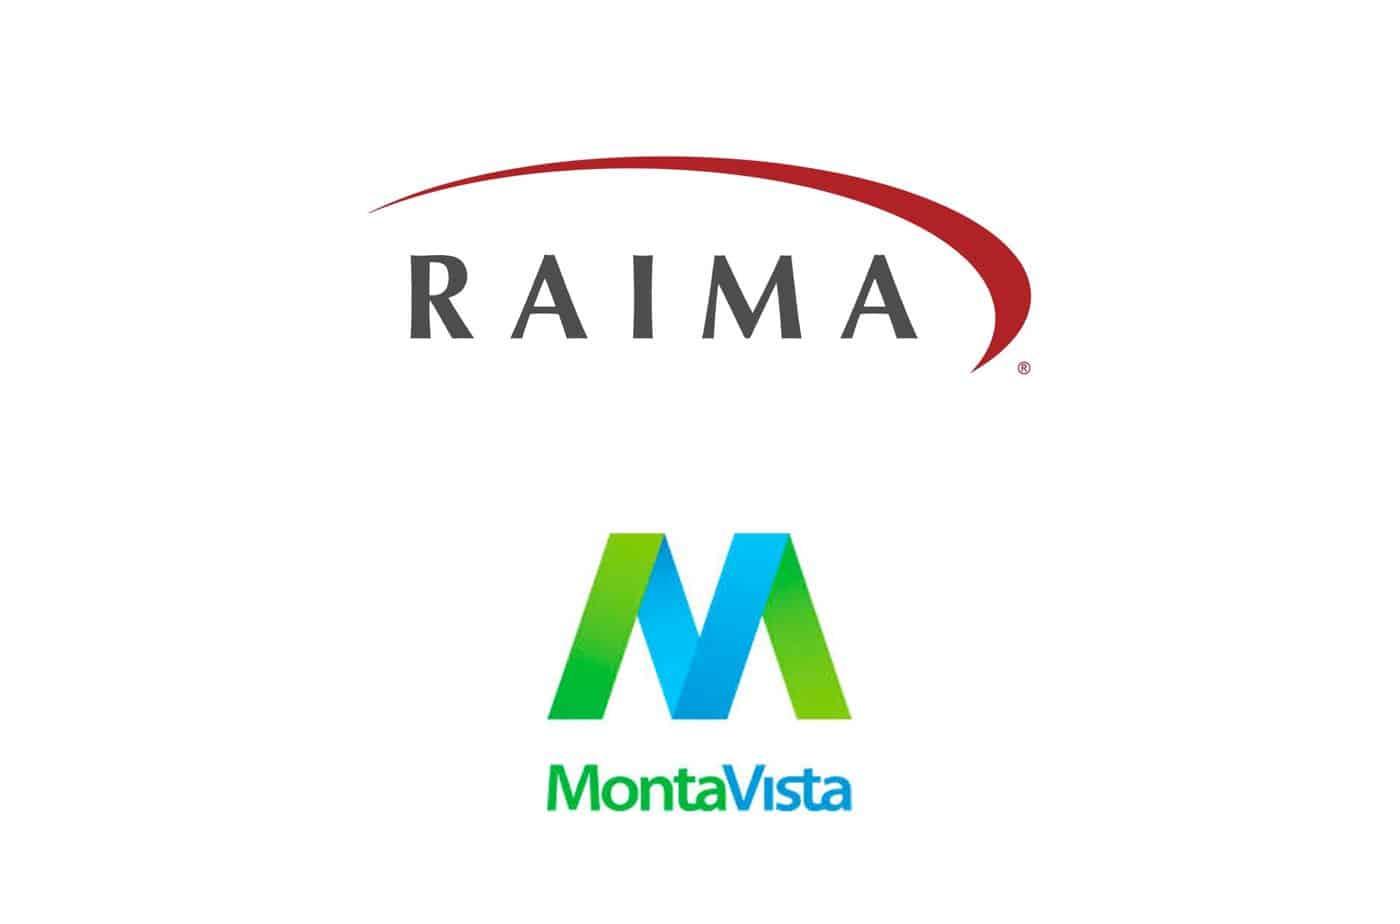 Raima and Montavista